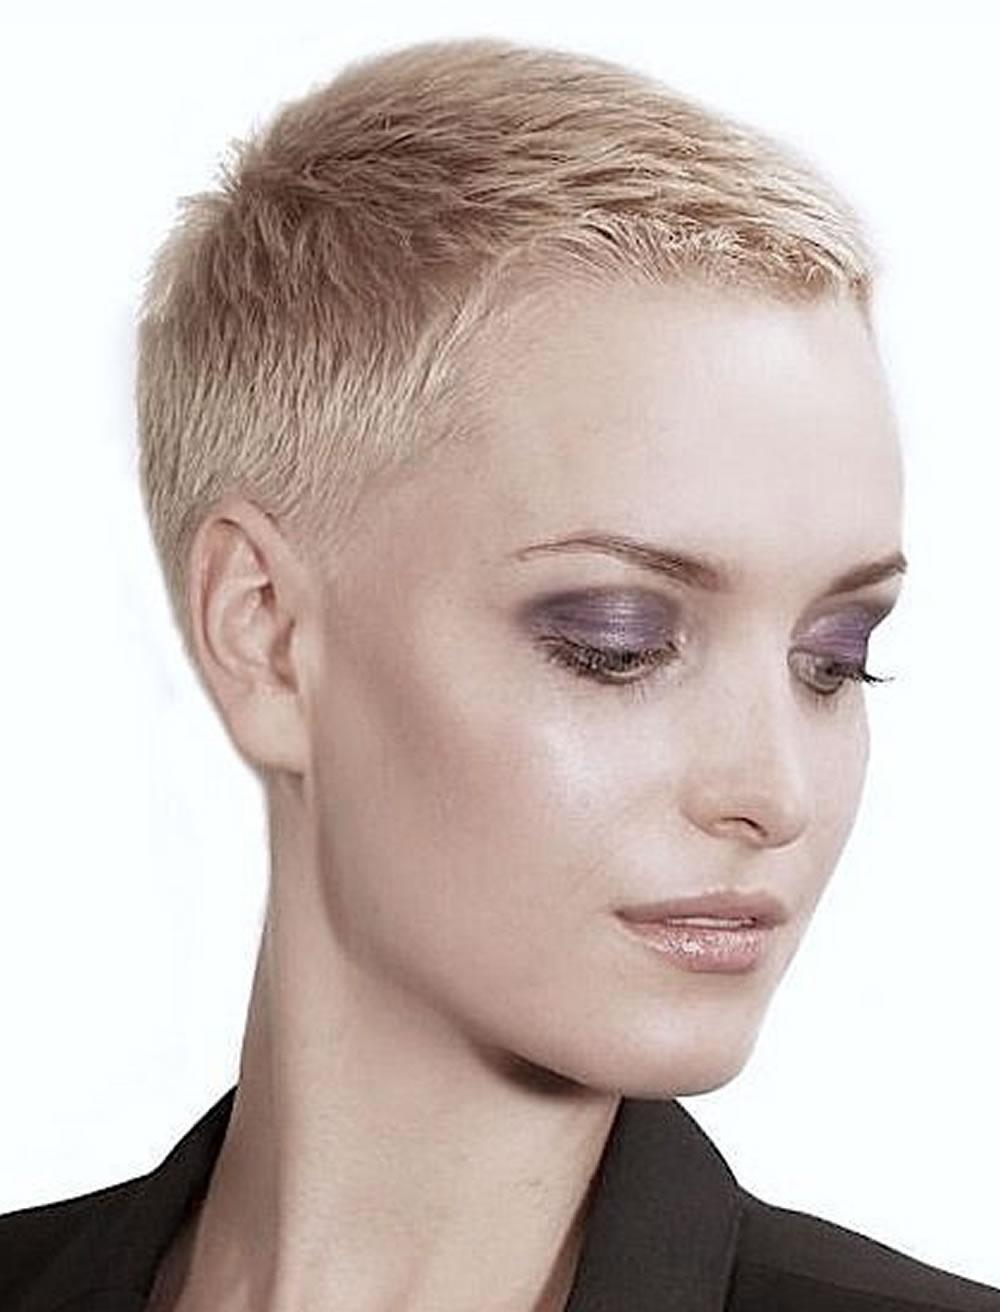 15 Photos Short Blonde Pixie Hairstyles